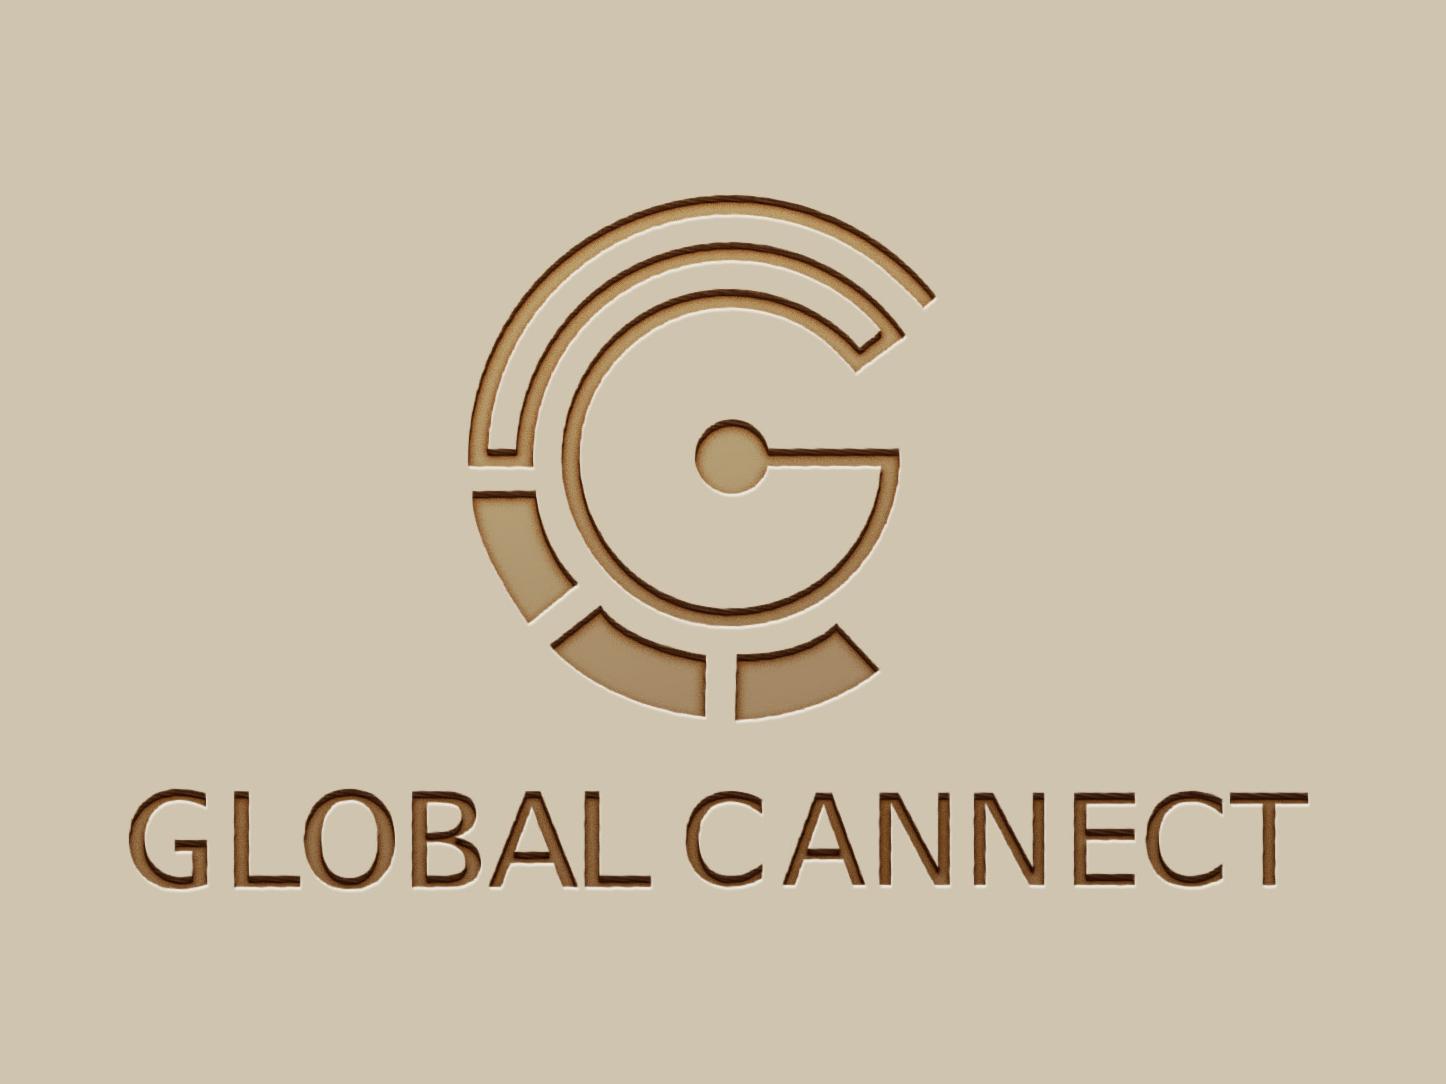 Global connect logo design illustration design illustrator branding typography global  logo design global  logo global connect logo design global connect logo global connect global